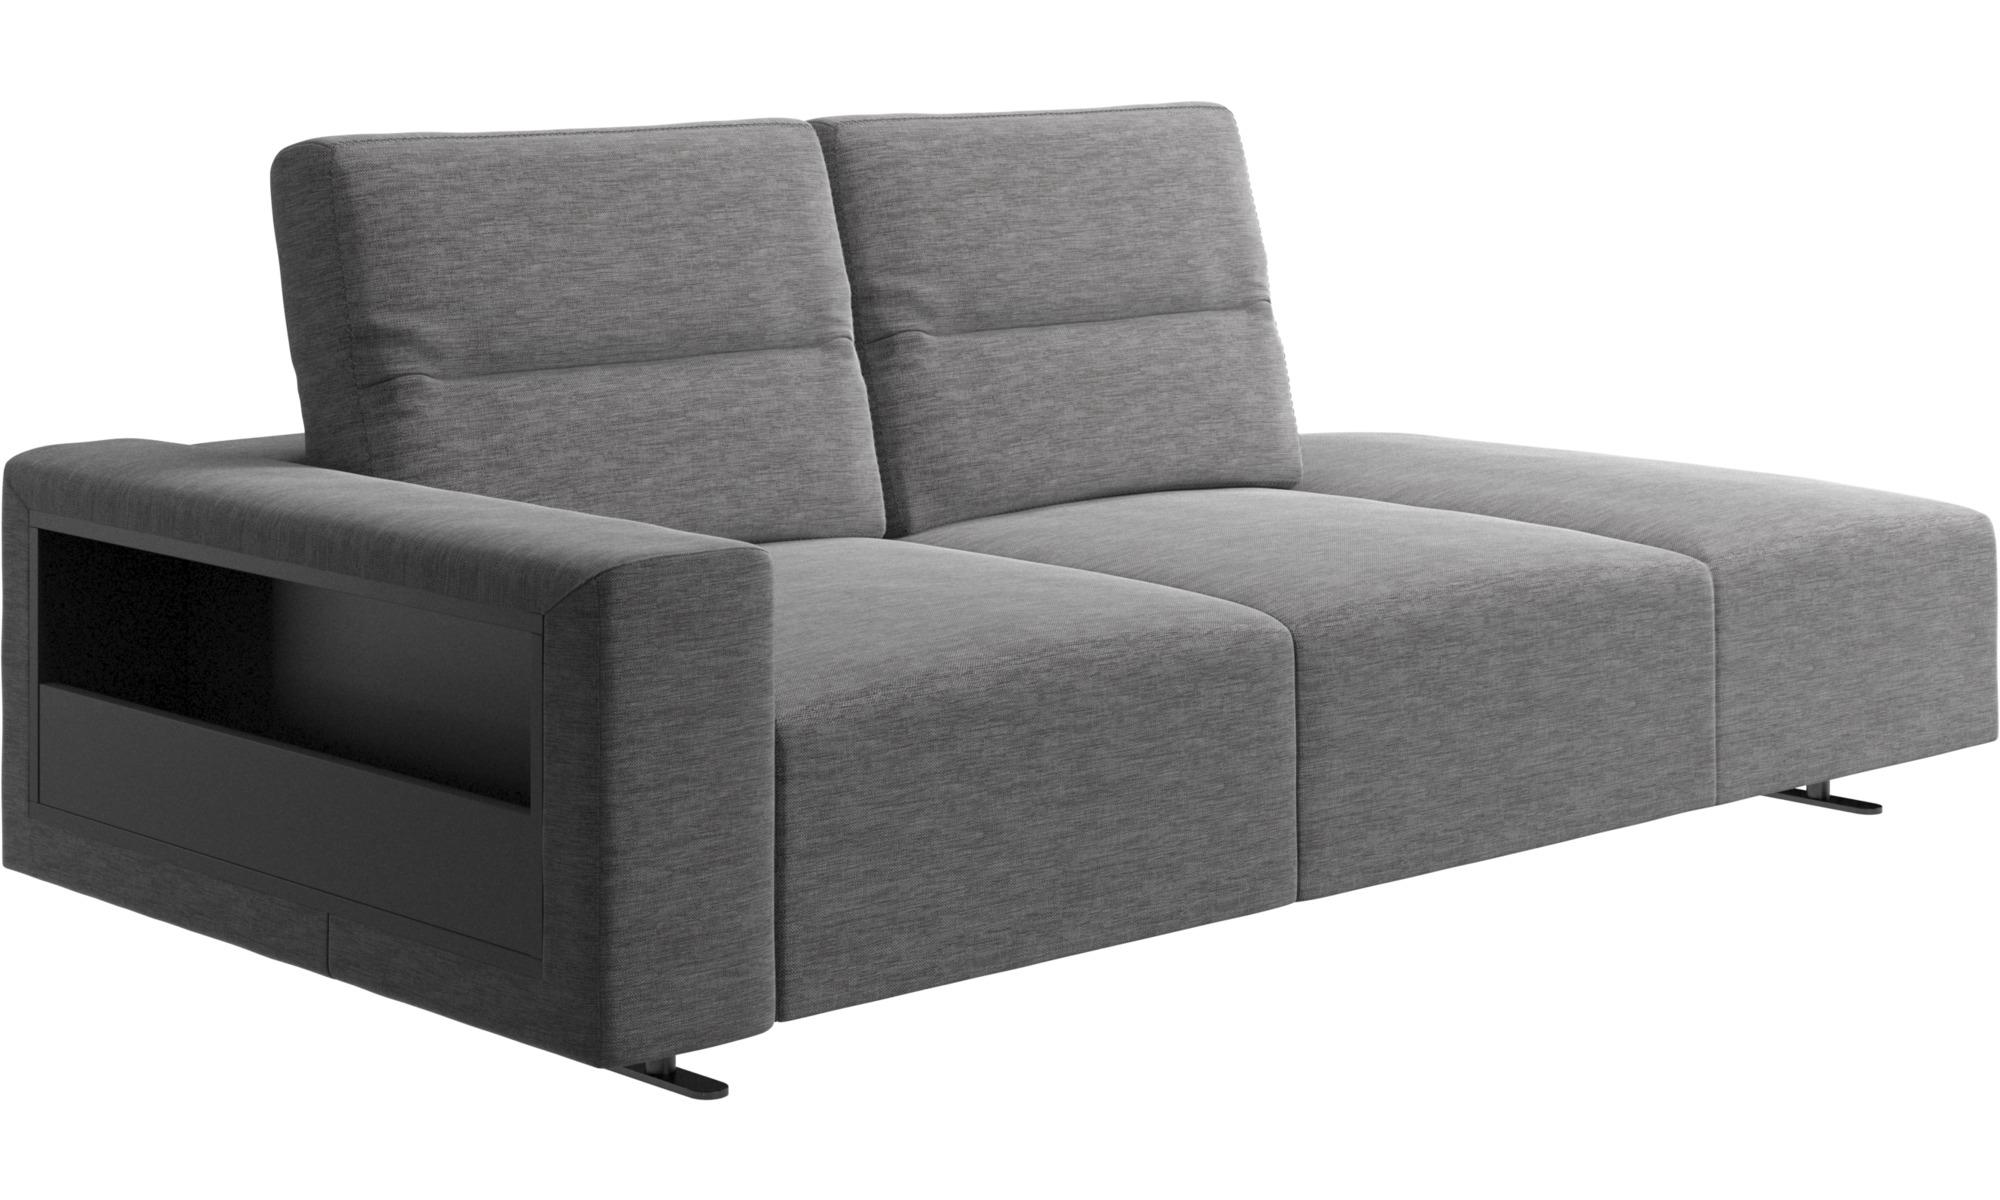 Lounge sofas hampton sofa mit verstellbarem r cken und for Sofa von der seite